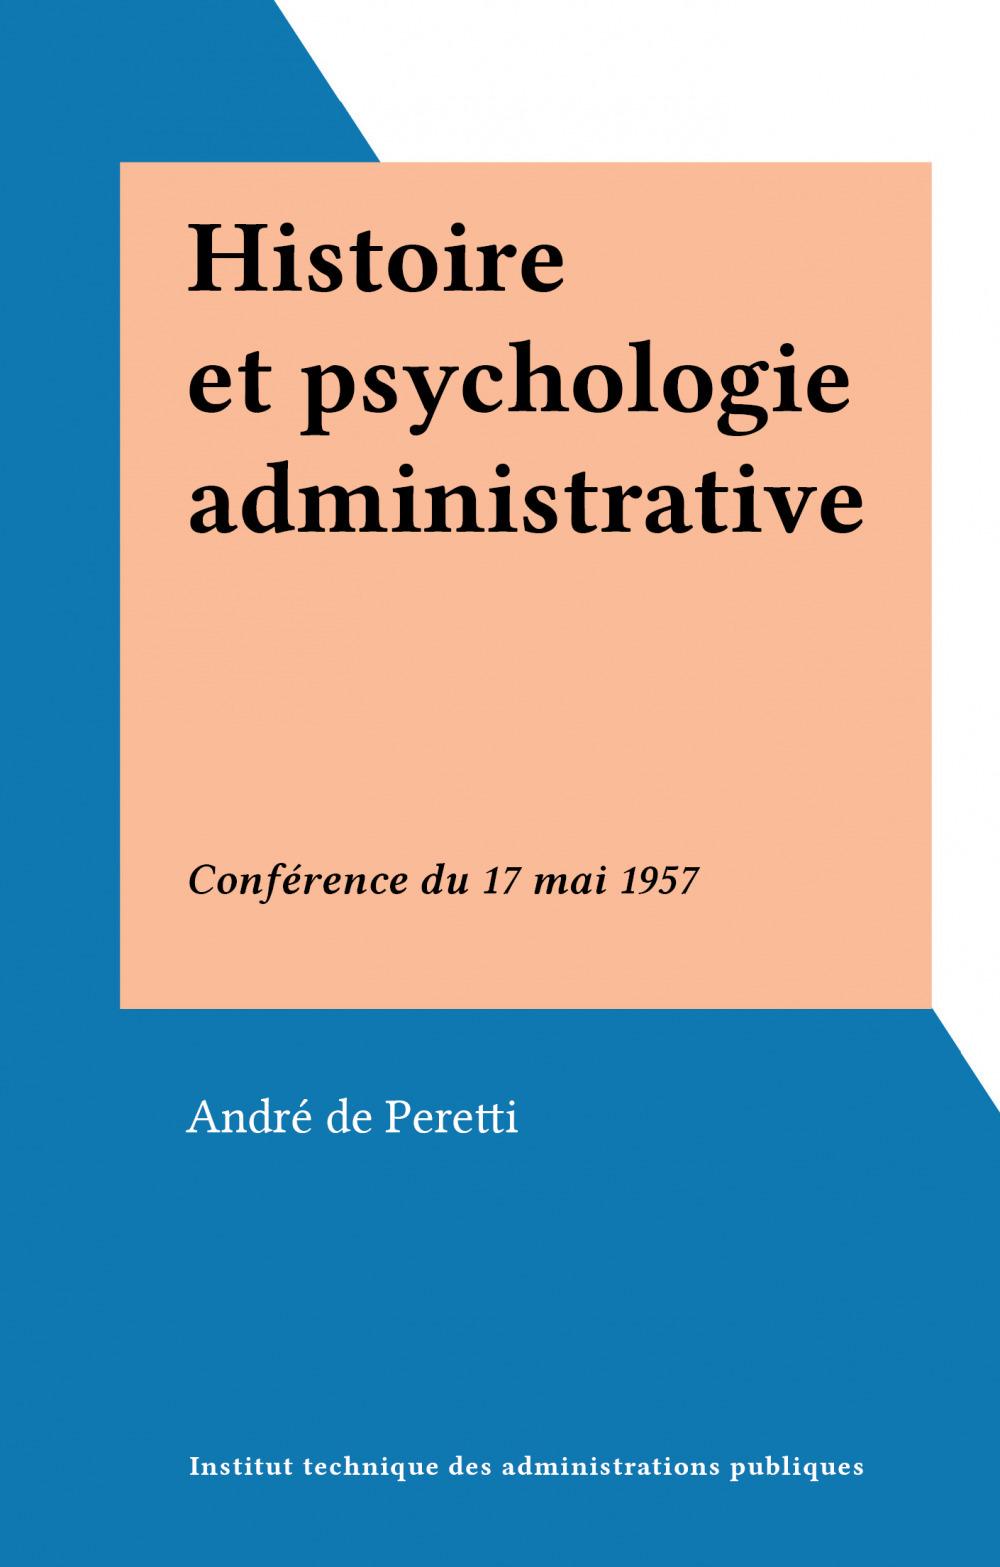 Histoire et psychologie administrative